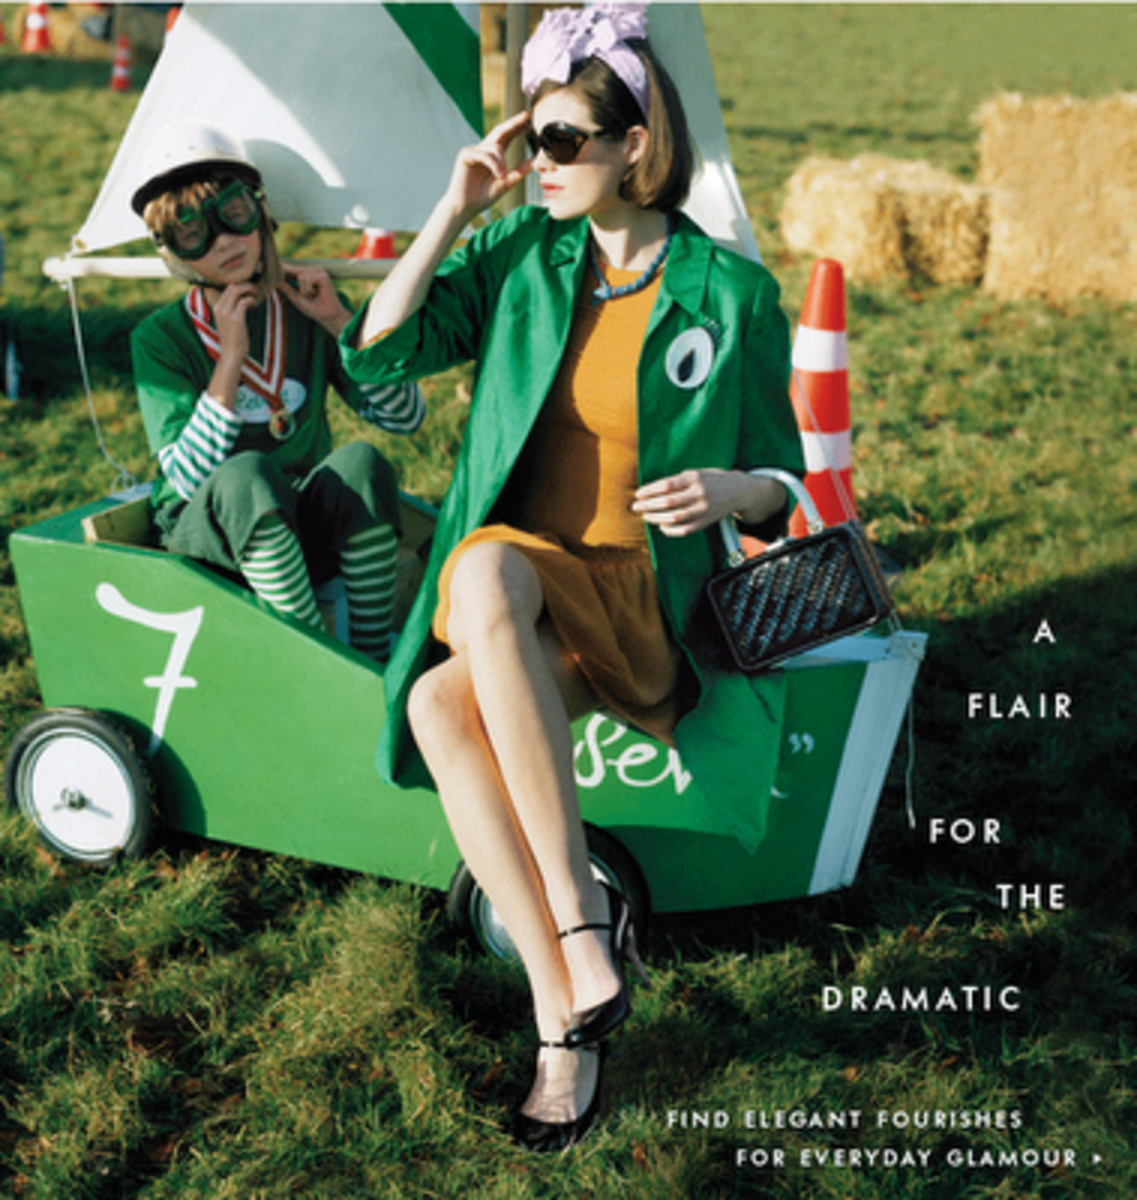 Kate Spade Ads: Get Design Inspiration